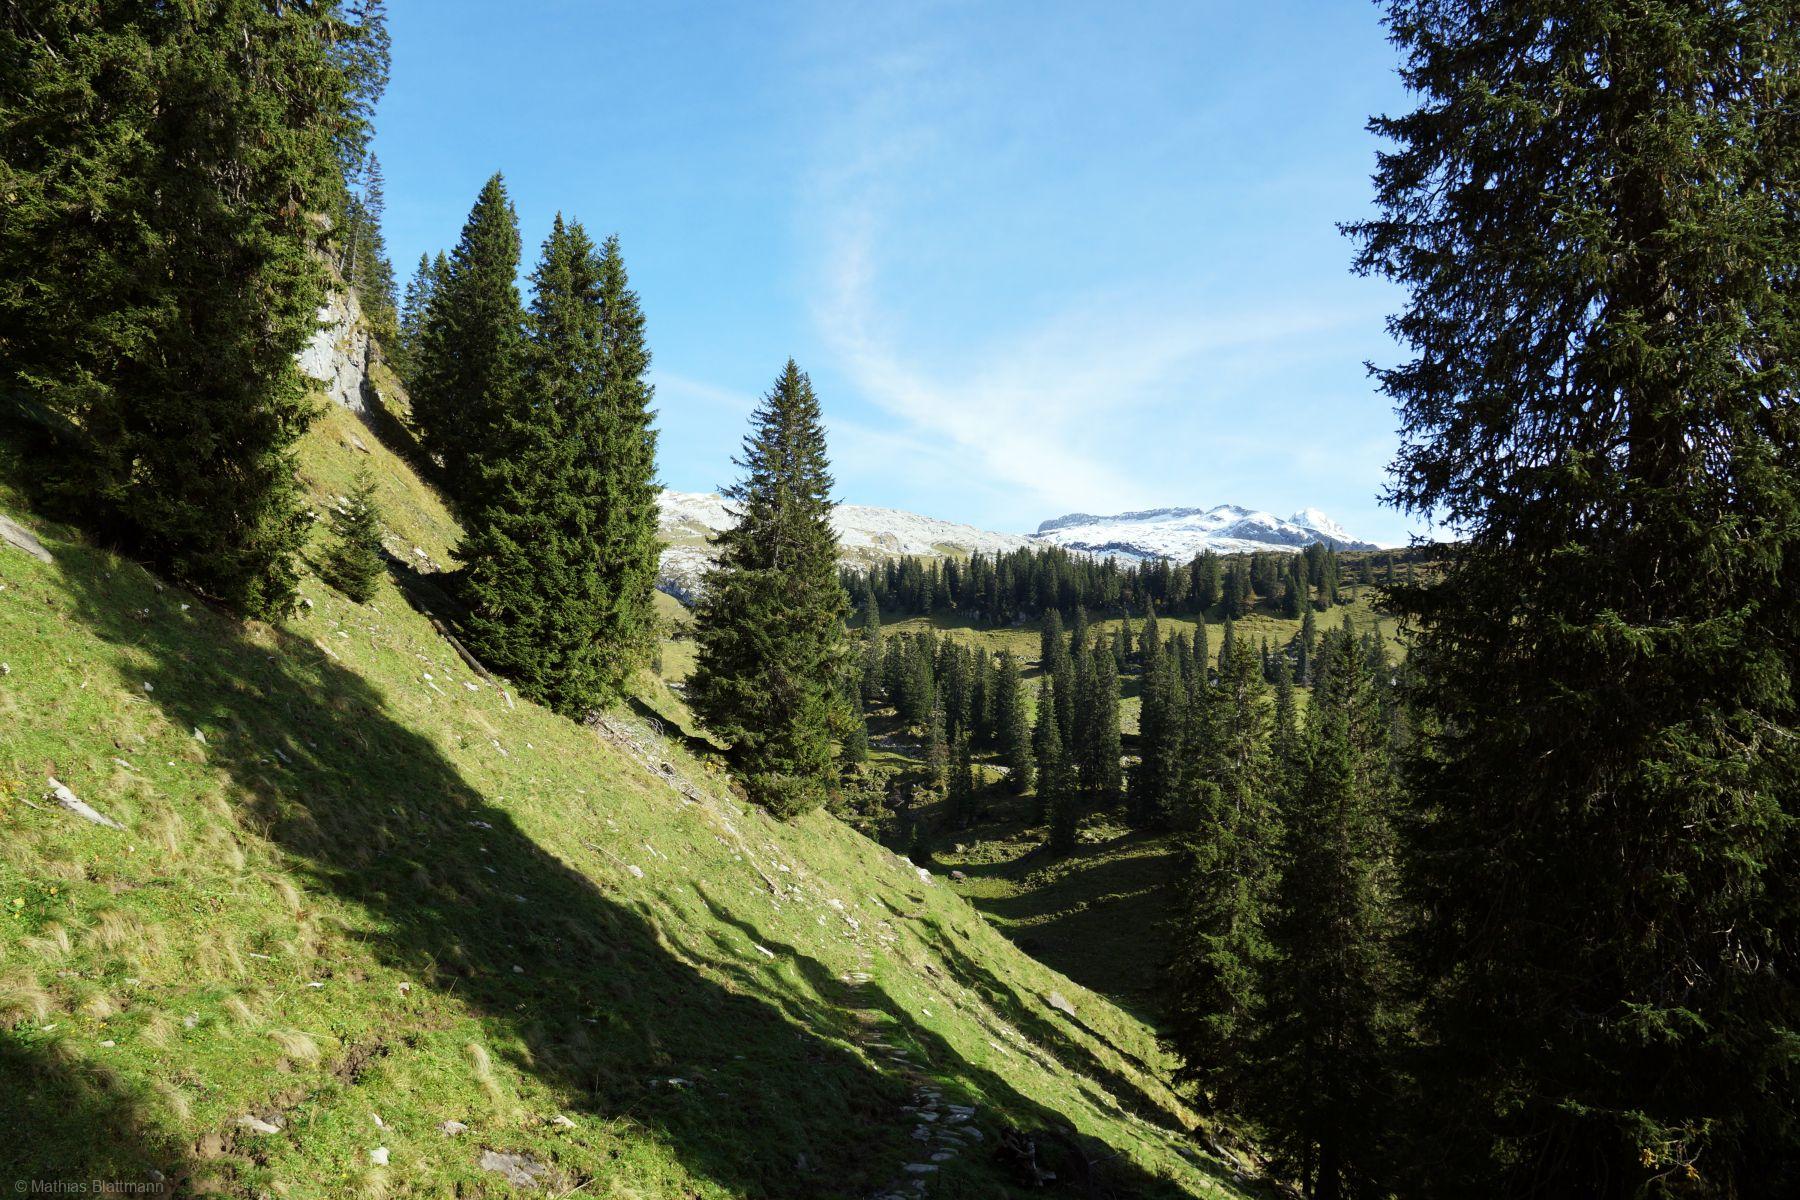 Steil-Wald-Tannenbaum